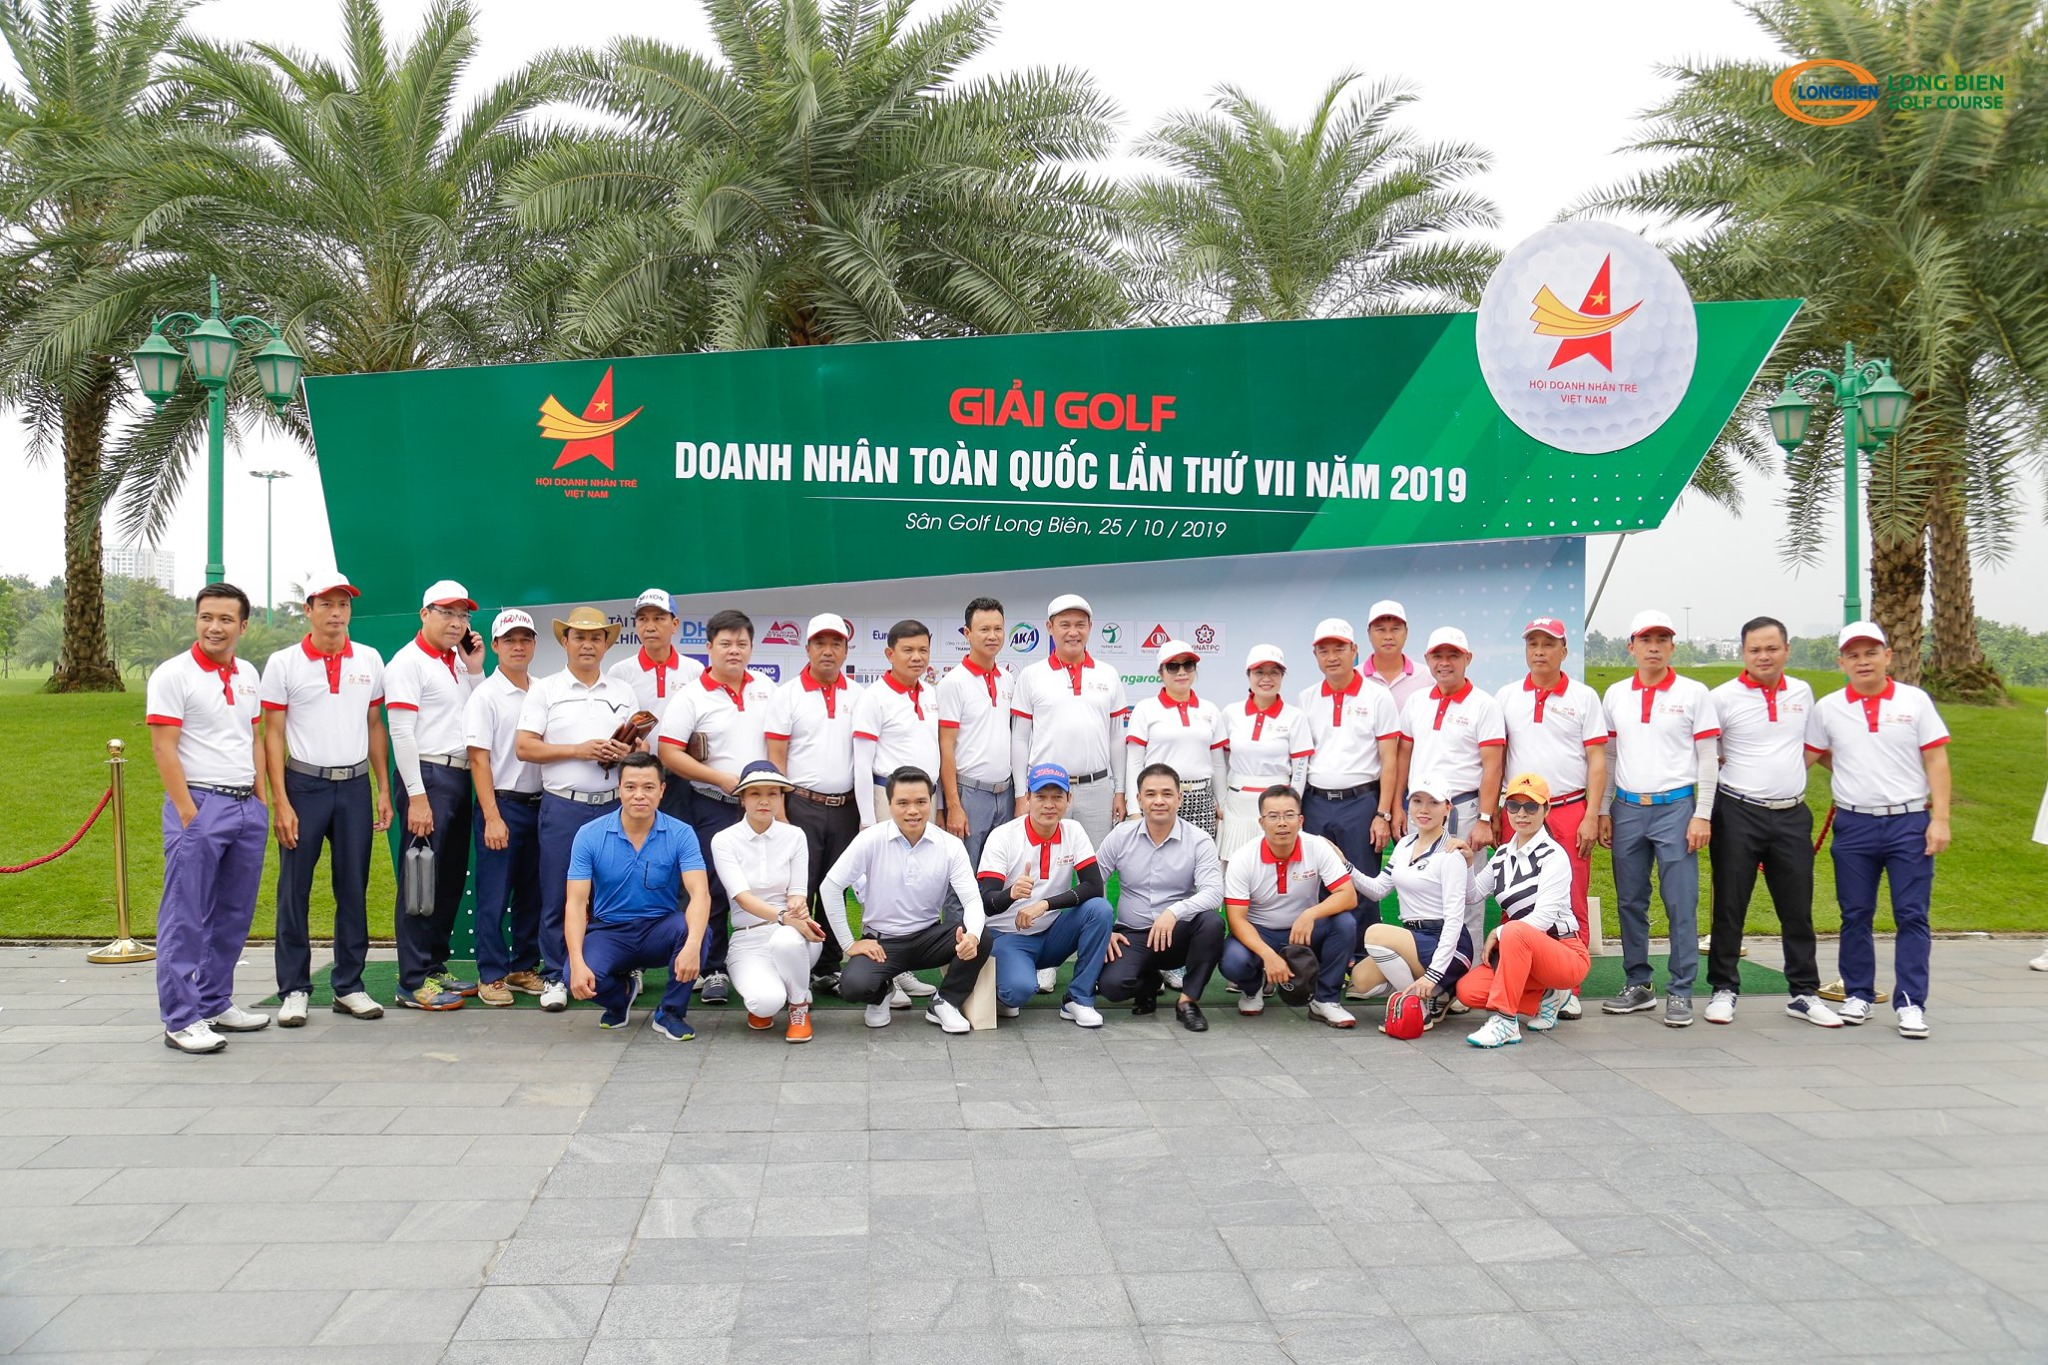 KẾT QUẢ GIẢI GOLF DOANH NHÂN TRẺ TOÀN QUỐC LẦN VII NĂM 2019